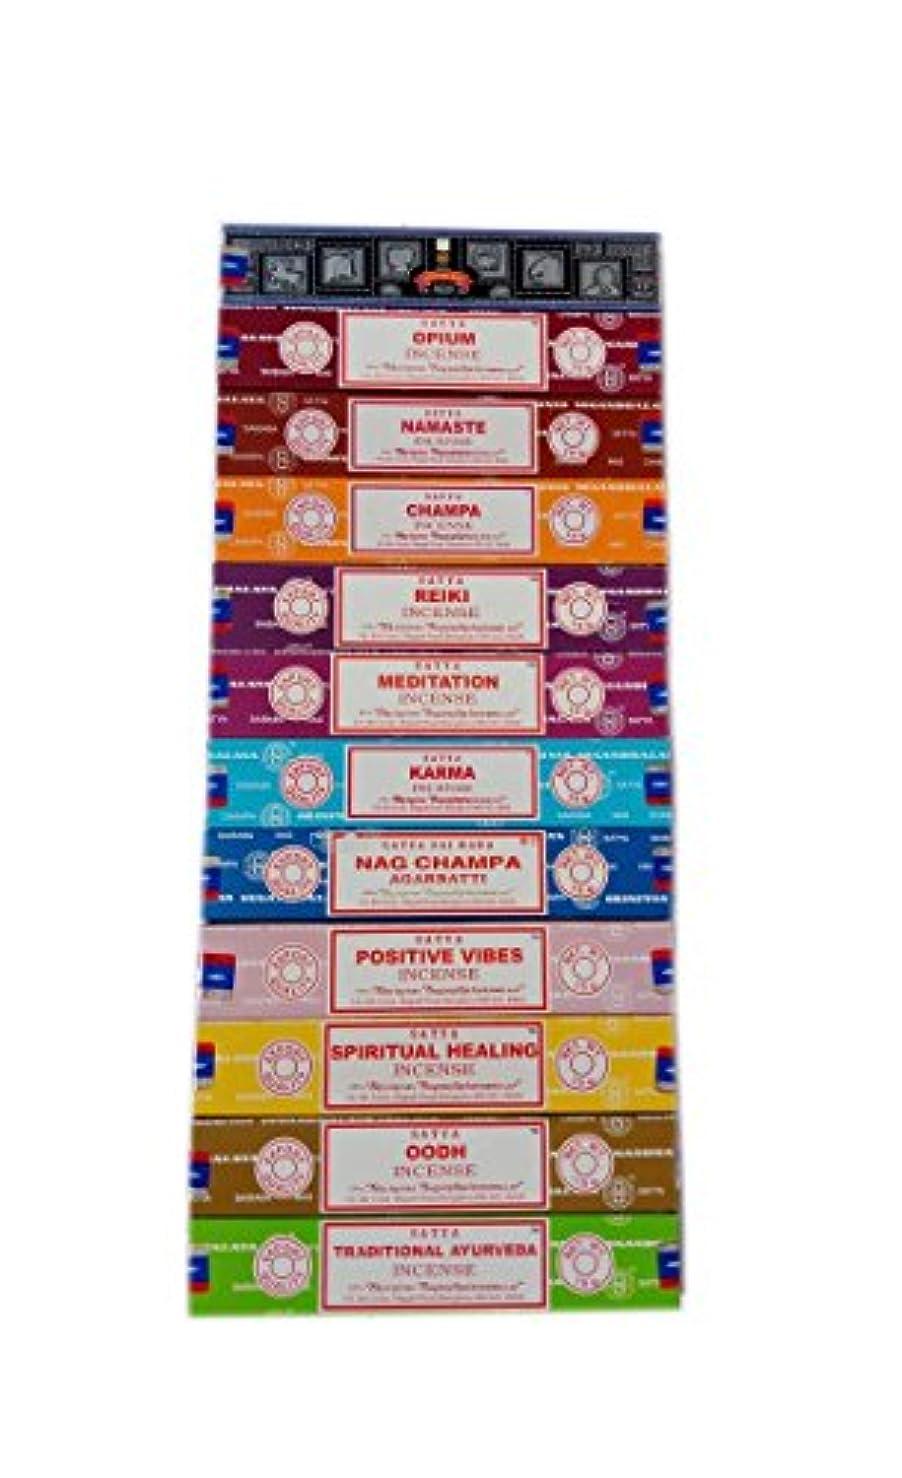 兵隊並外れてすでにSatya Incense Set 12 x 15gram含まれるもの:ナグ、スーパーヒット、ウード、ポジティブバイブ、ナマステ、チャンパ、アヘン、レイキ、スピリチュアルヒーリング、カルマ、伝統的なアーユルヴェーダ、瞑想パック